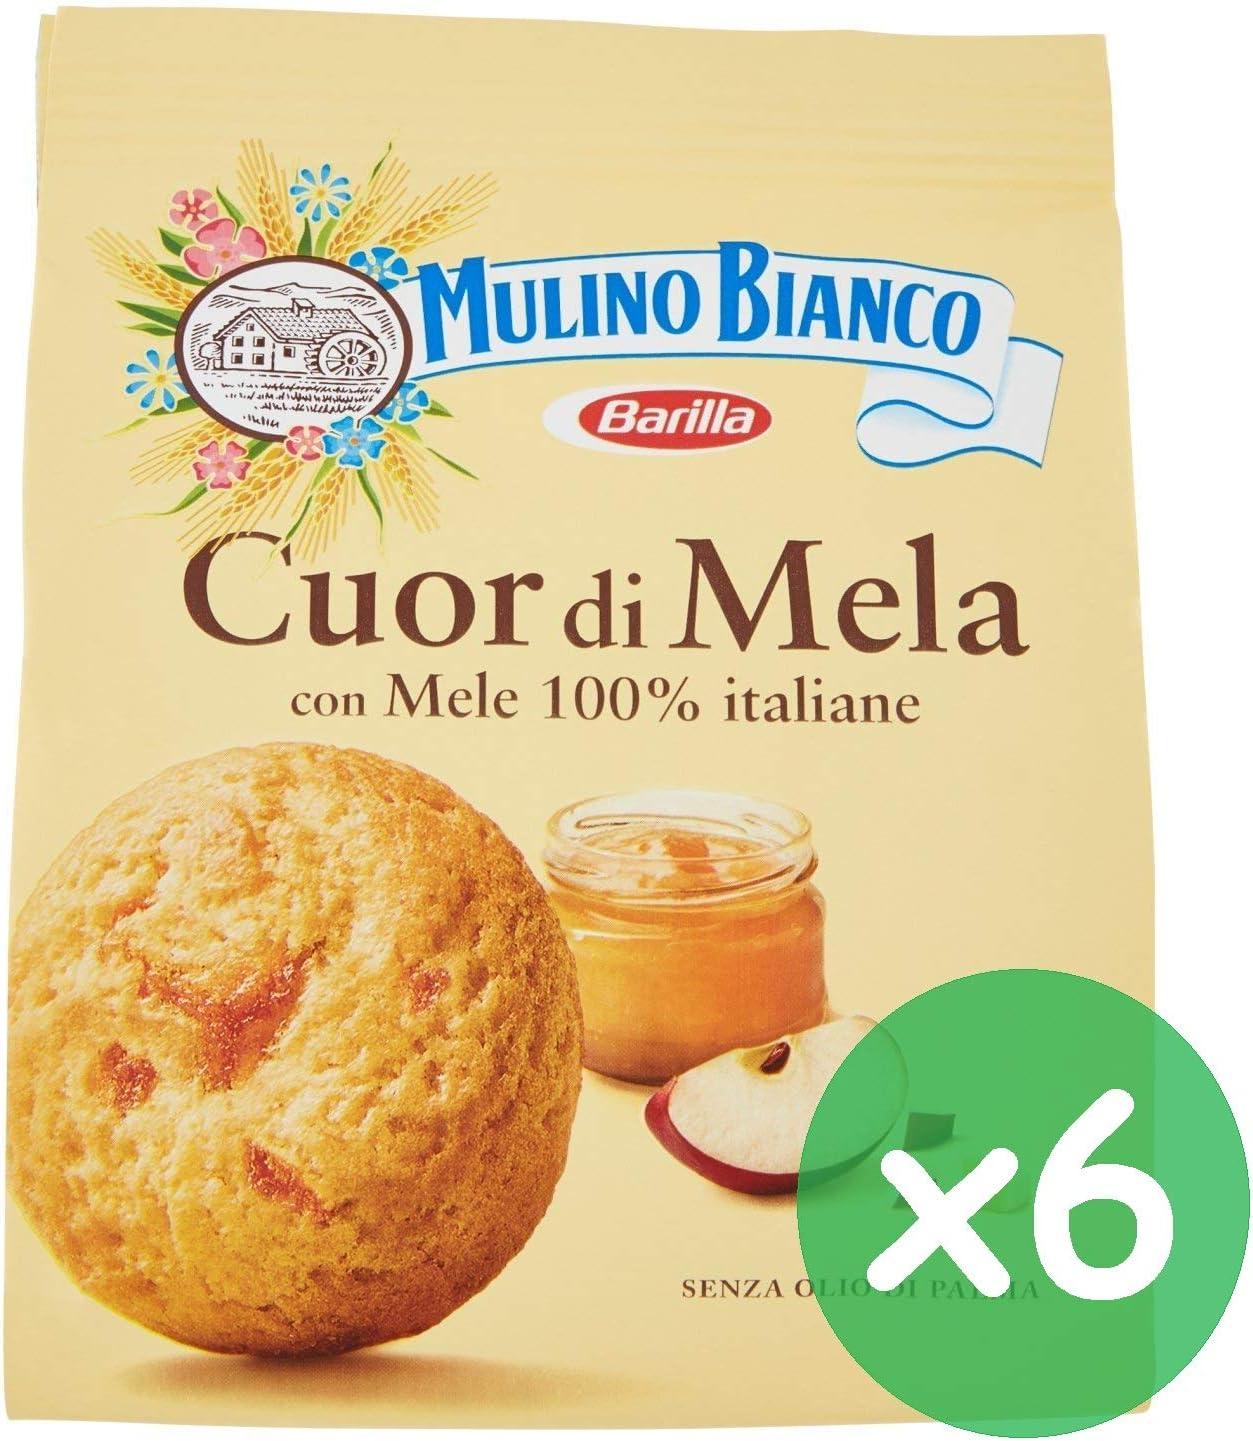 Bianco Cuor Mela - Juego de 6 galletas (300 g), diseño de manzanas ...